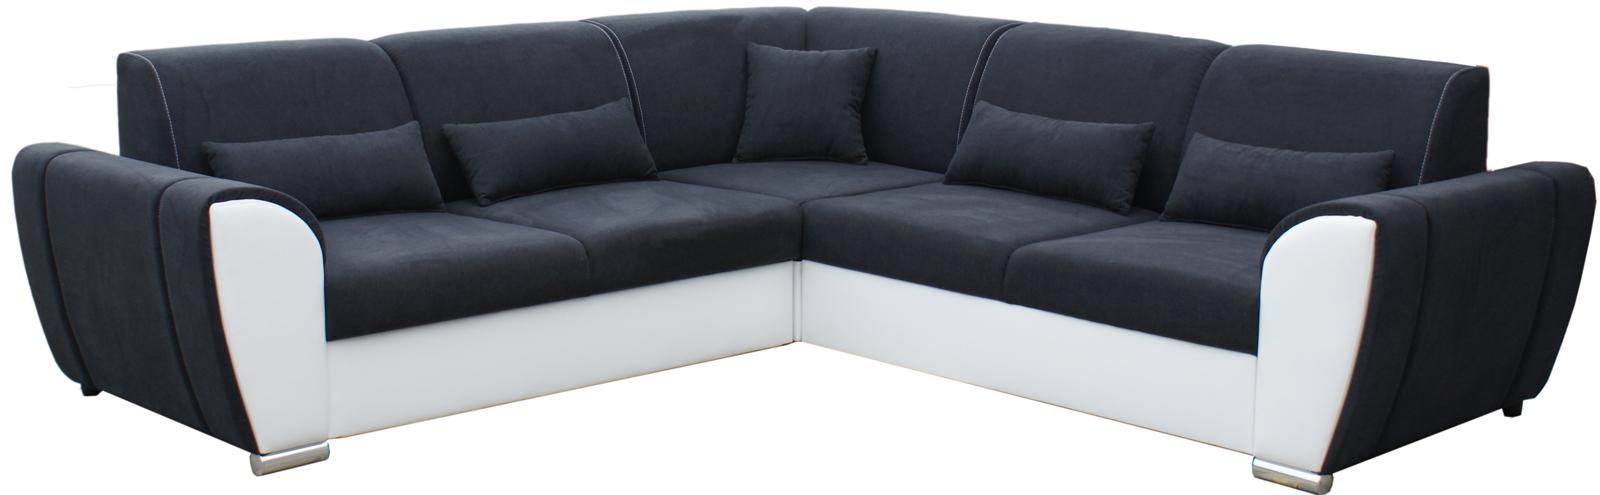 Rohová sedací souprava - Po-Sed - Denim (černá + bílá) (P)